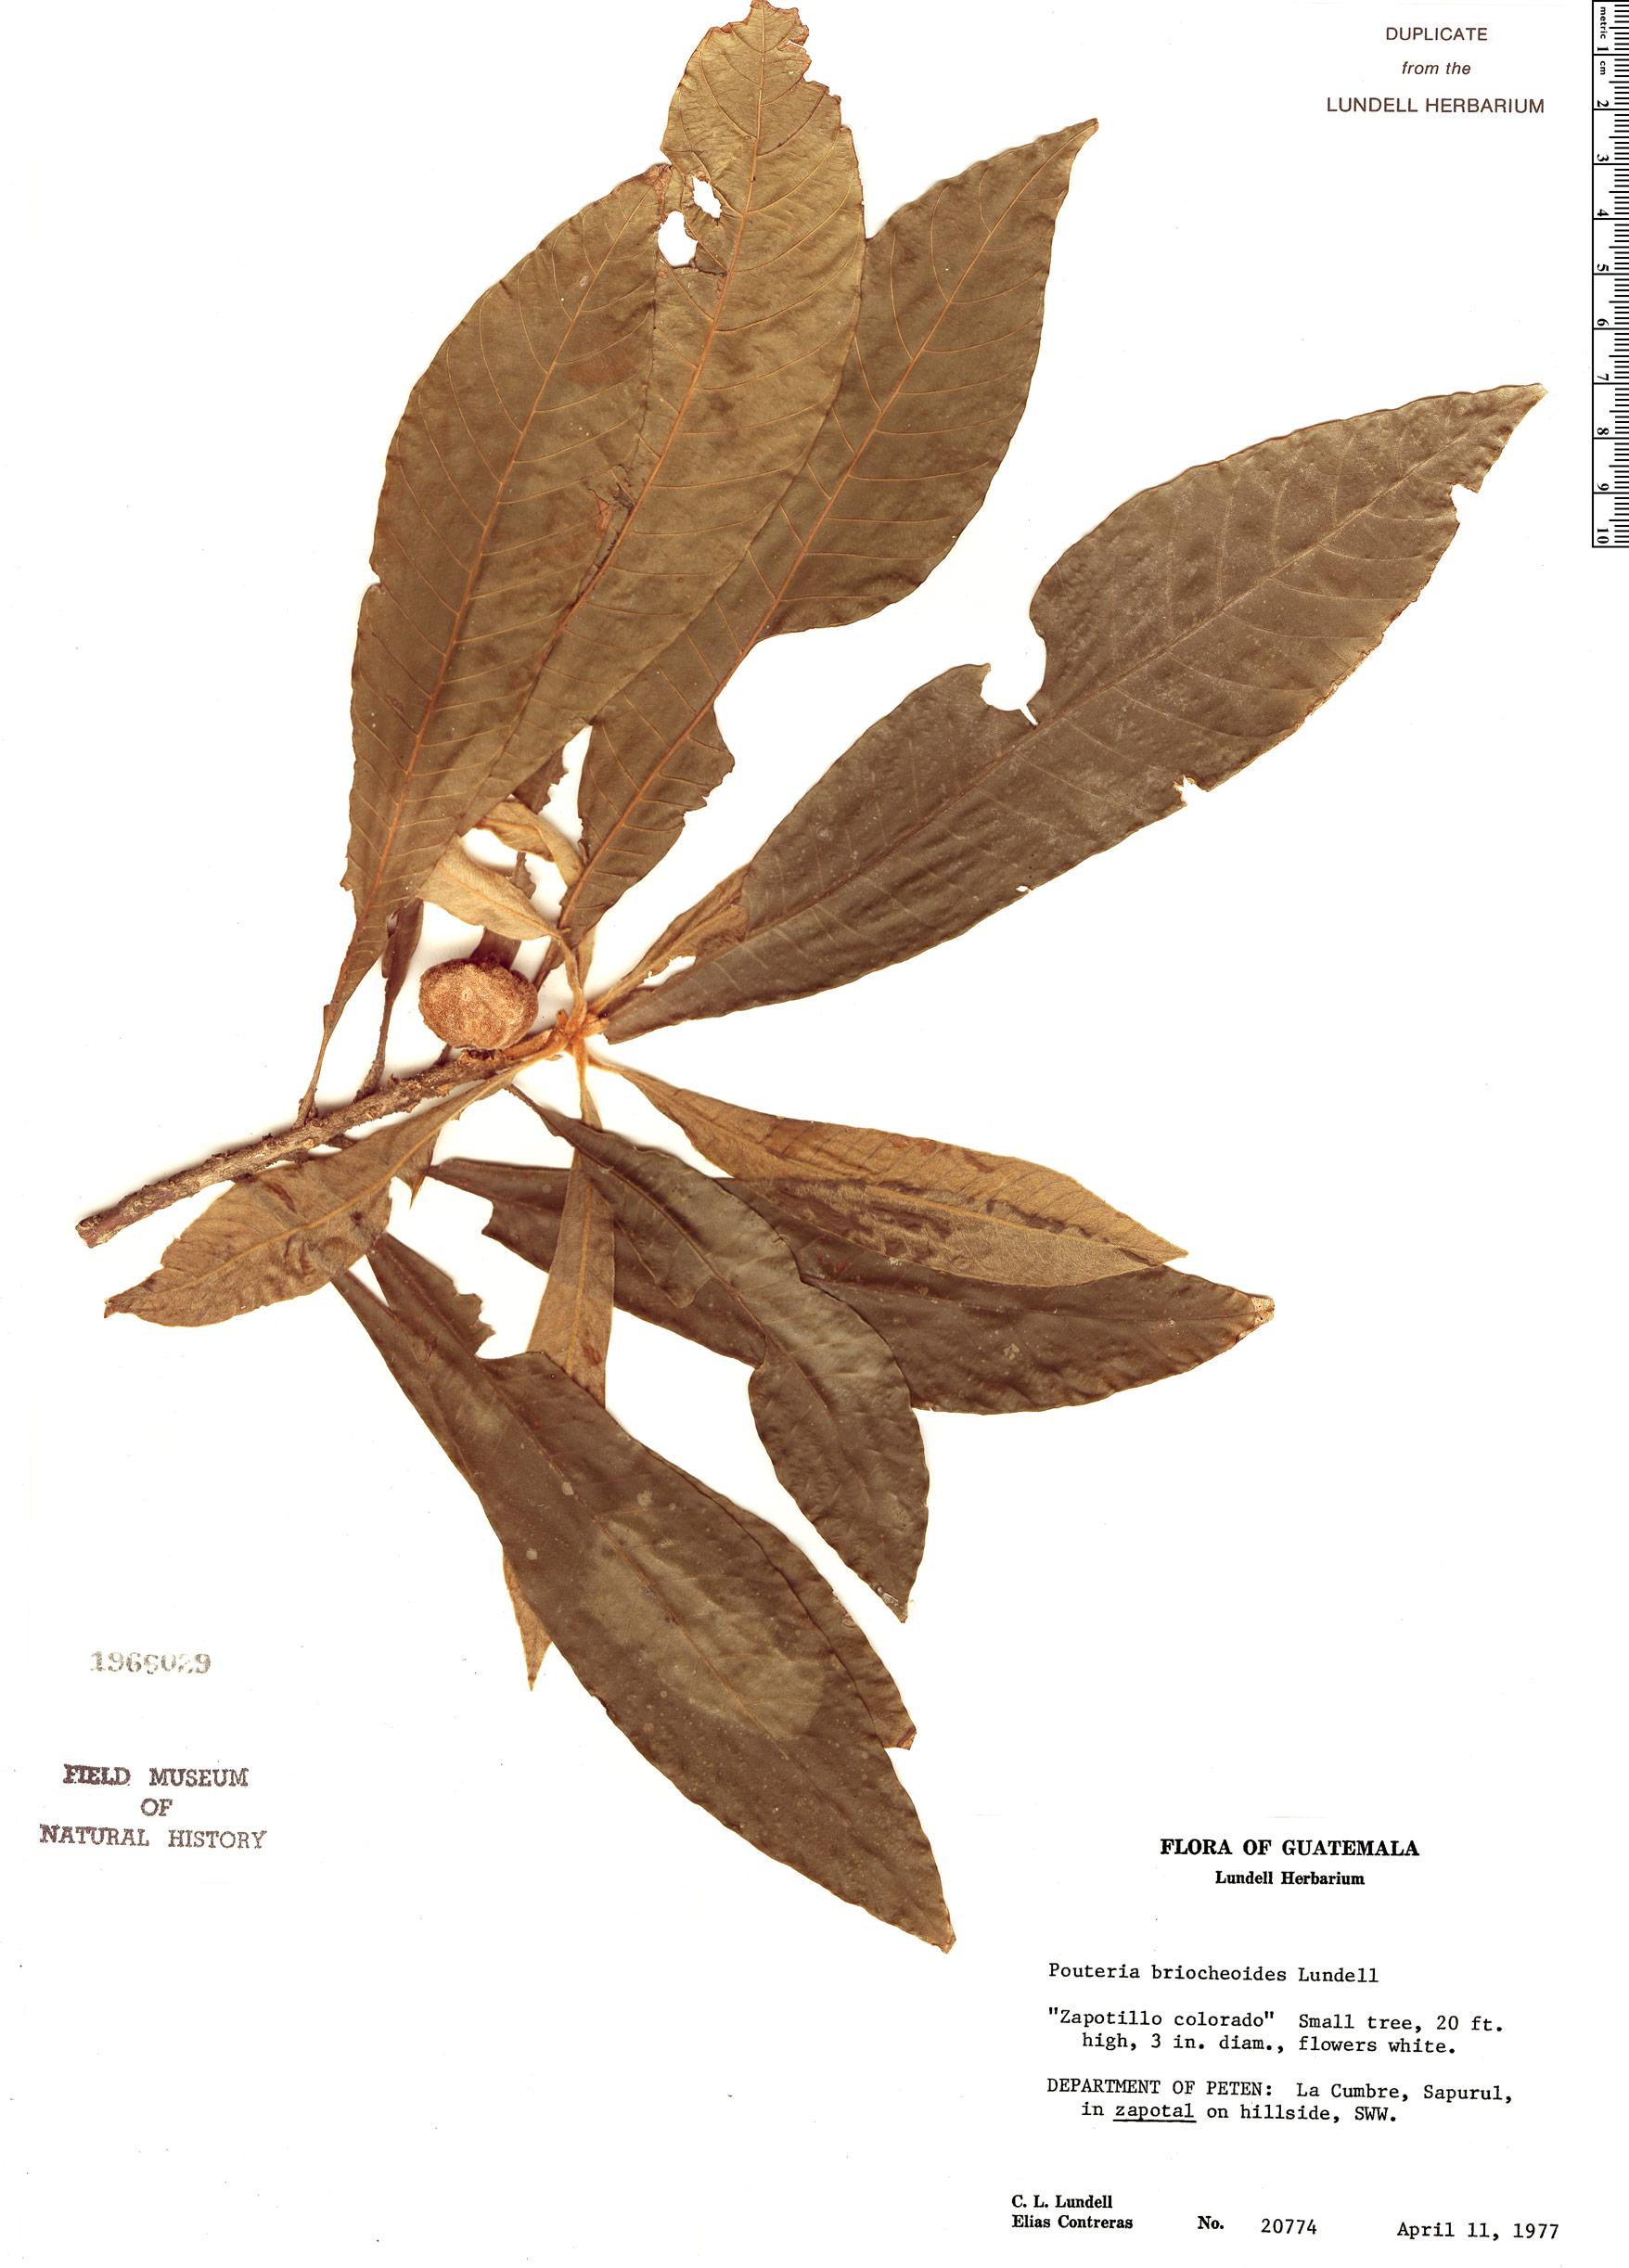 Specimen: Pouteria briocheoides